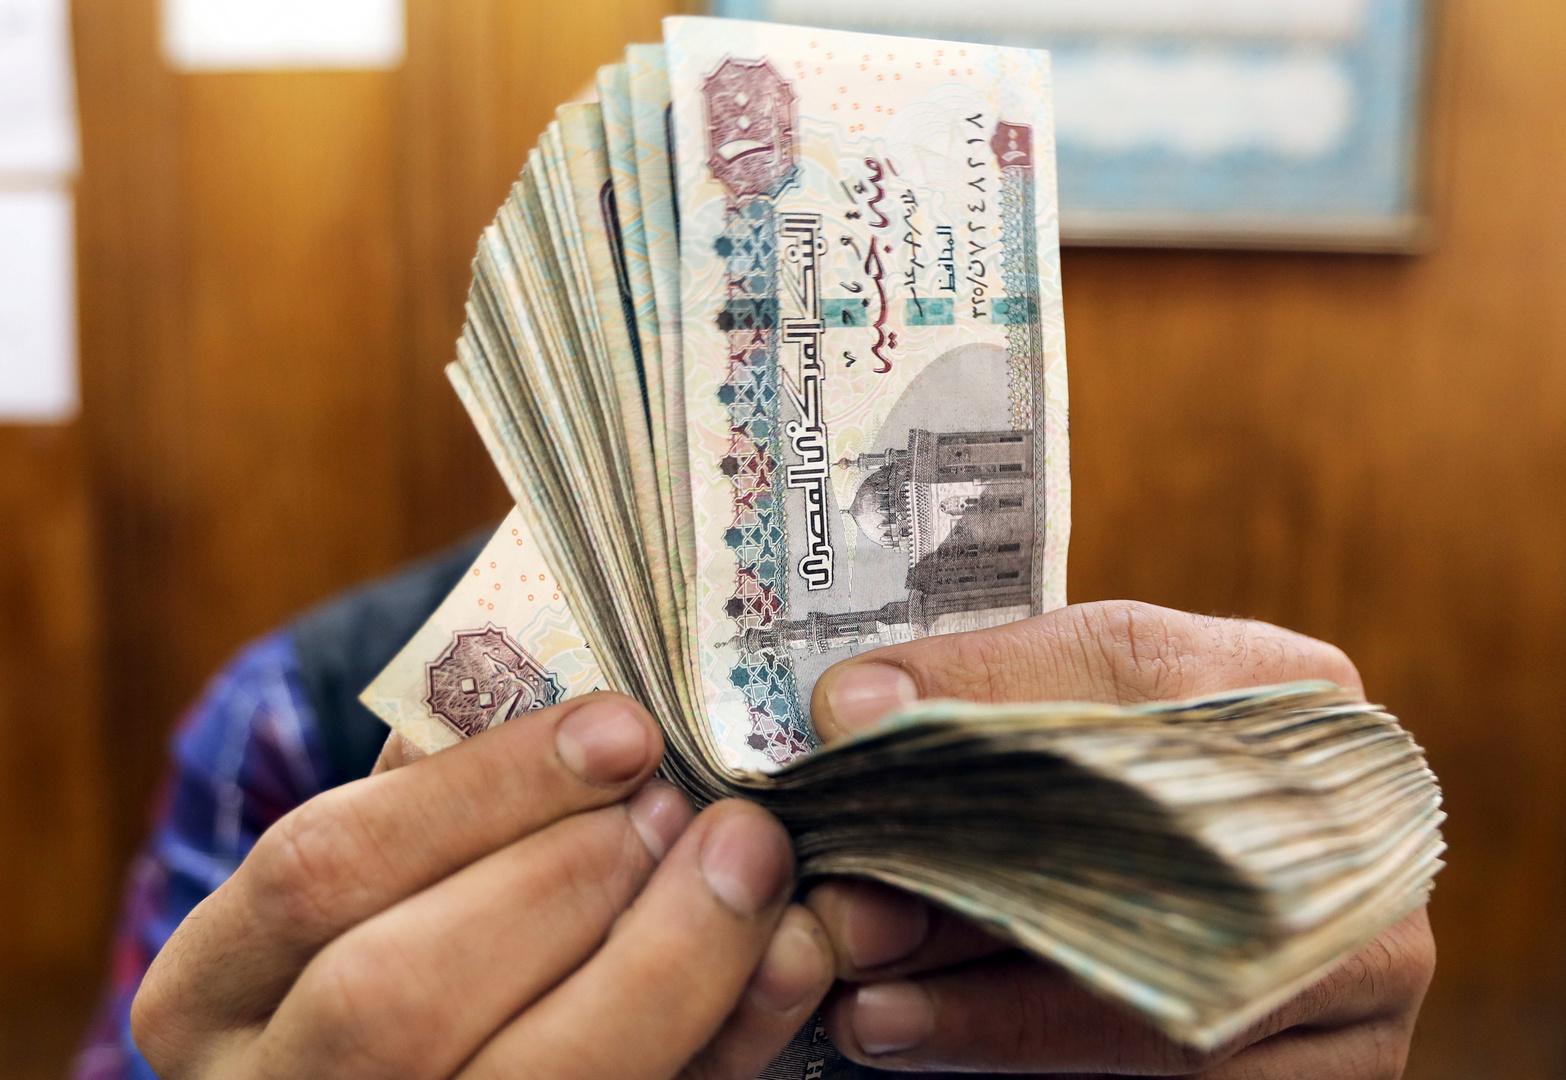 وزير المالية المصري يكشف حجم استثمارات الأجانب في الدين المصري